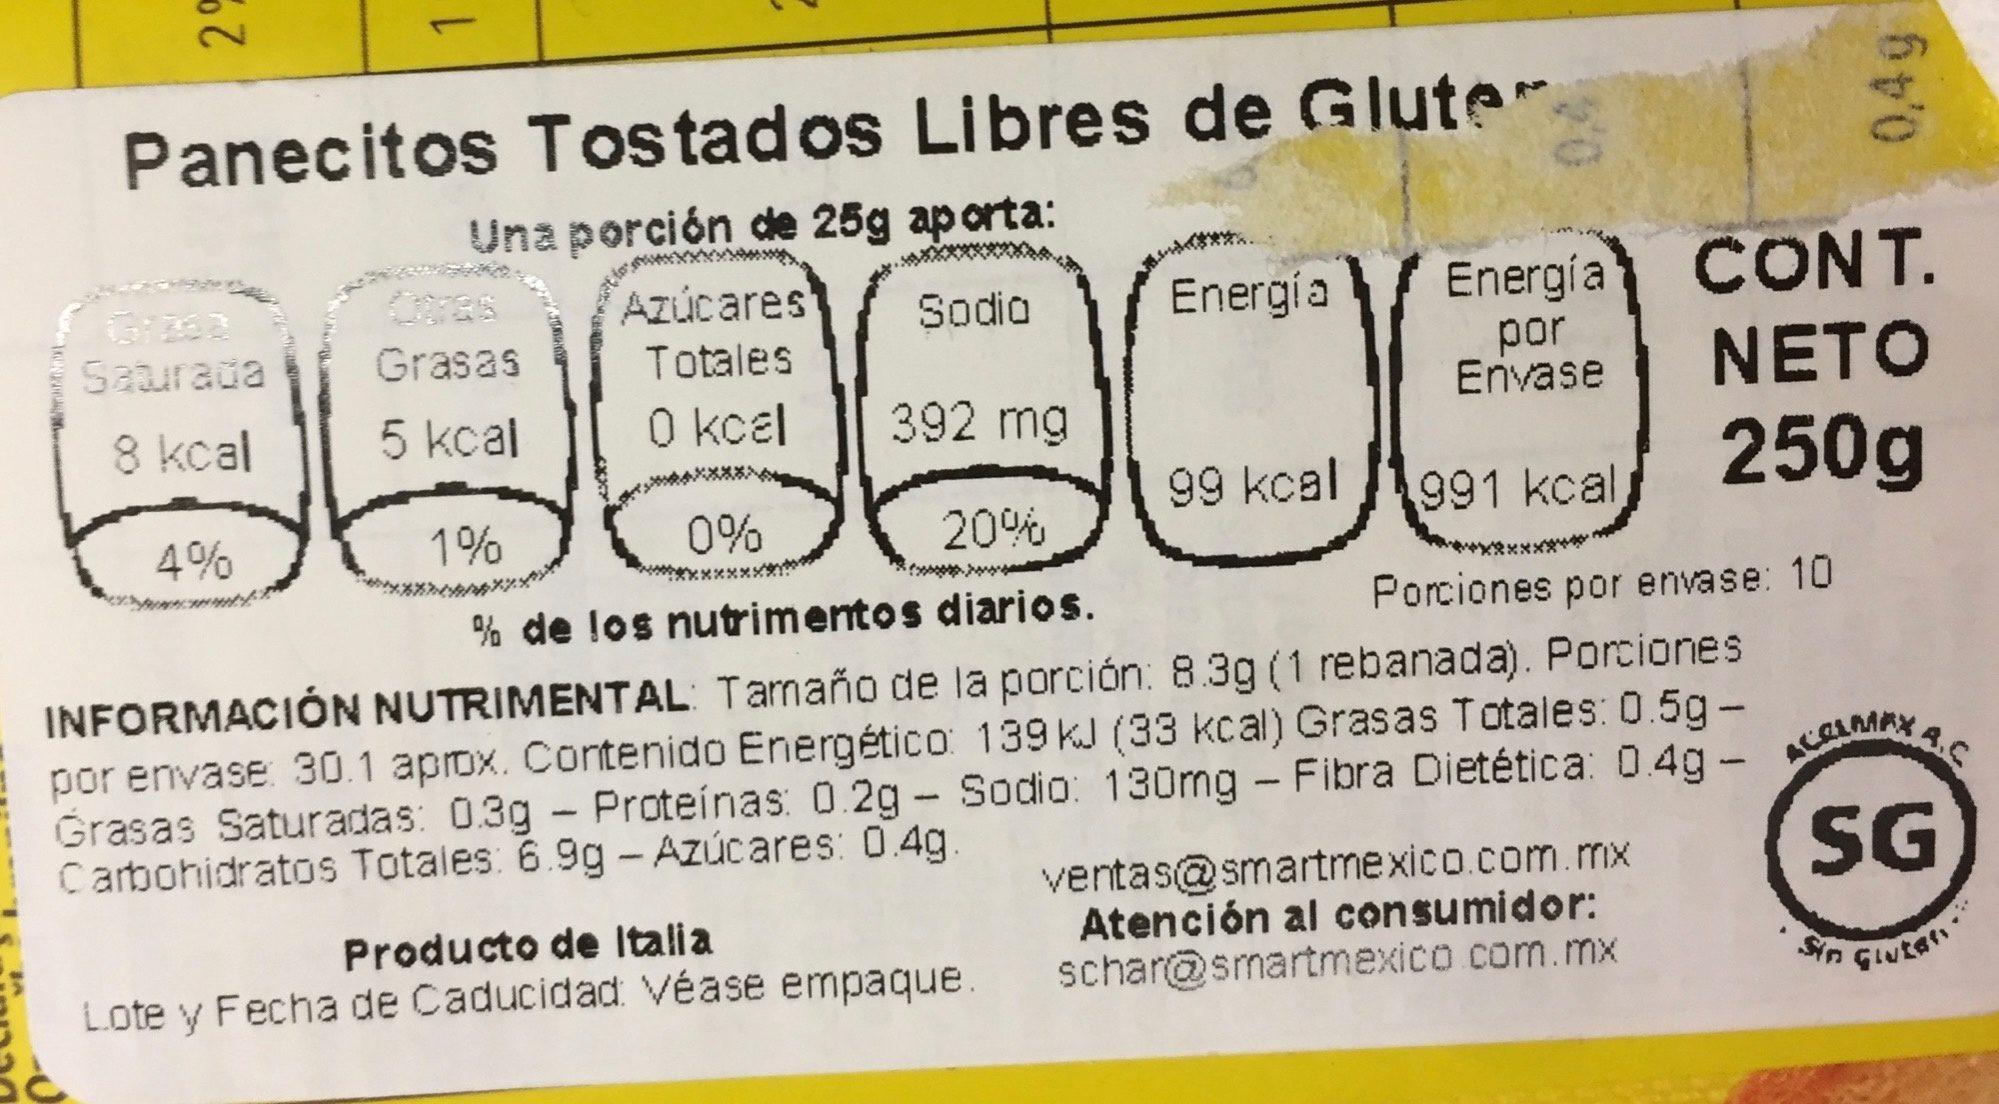 Biscottes - Información nutricional - es